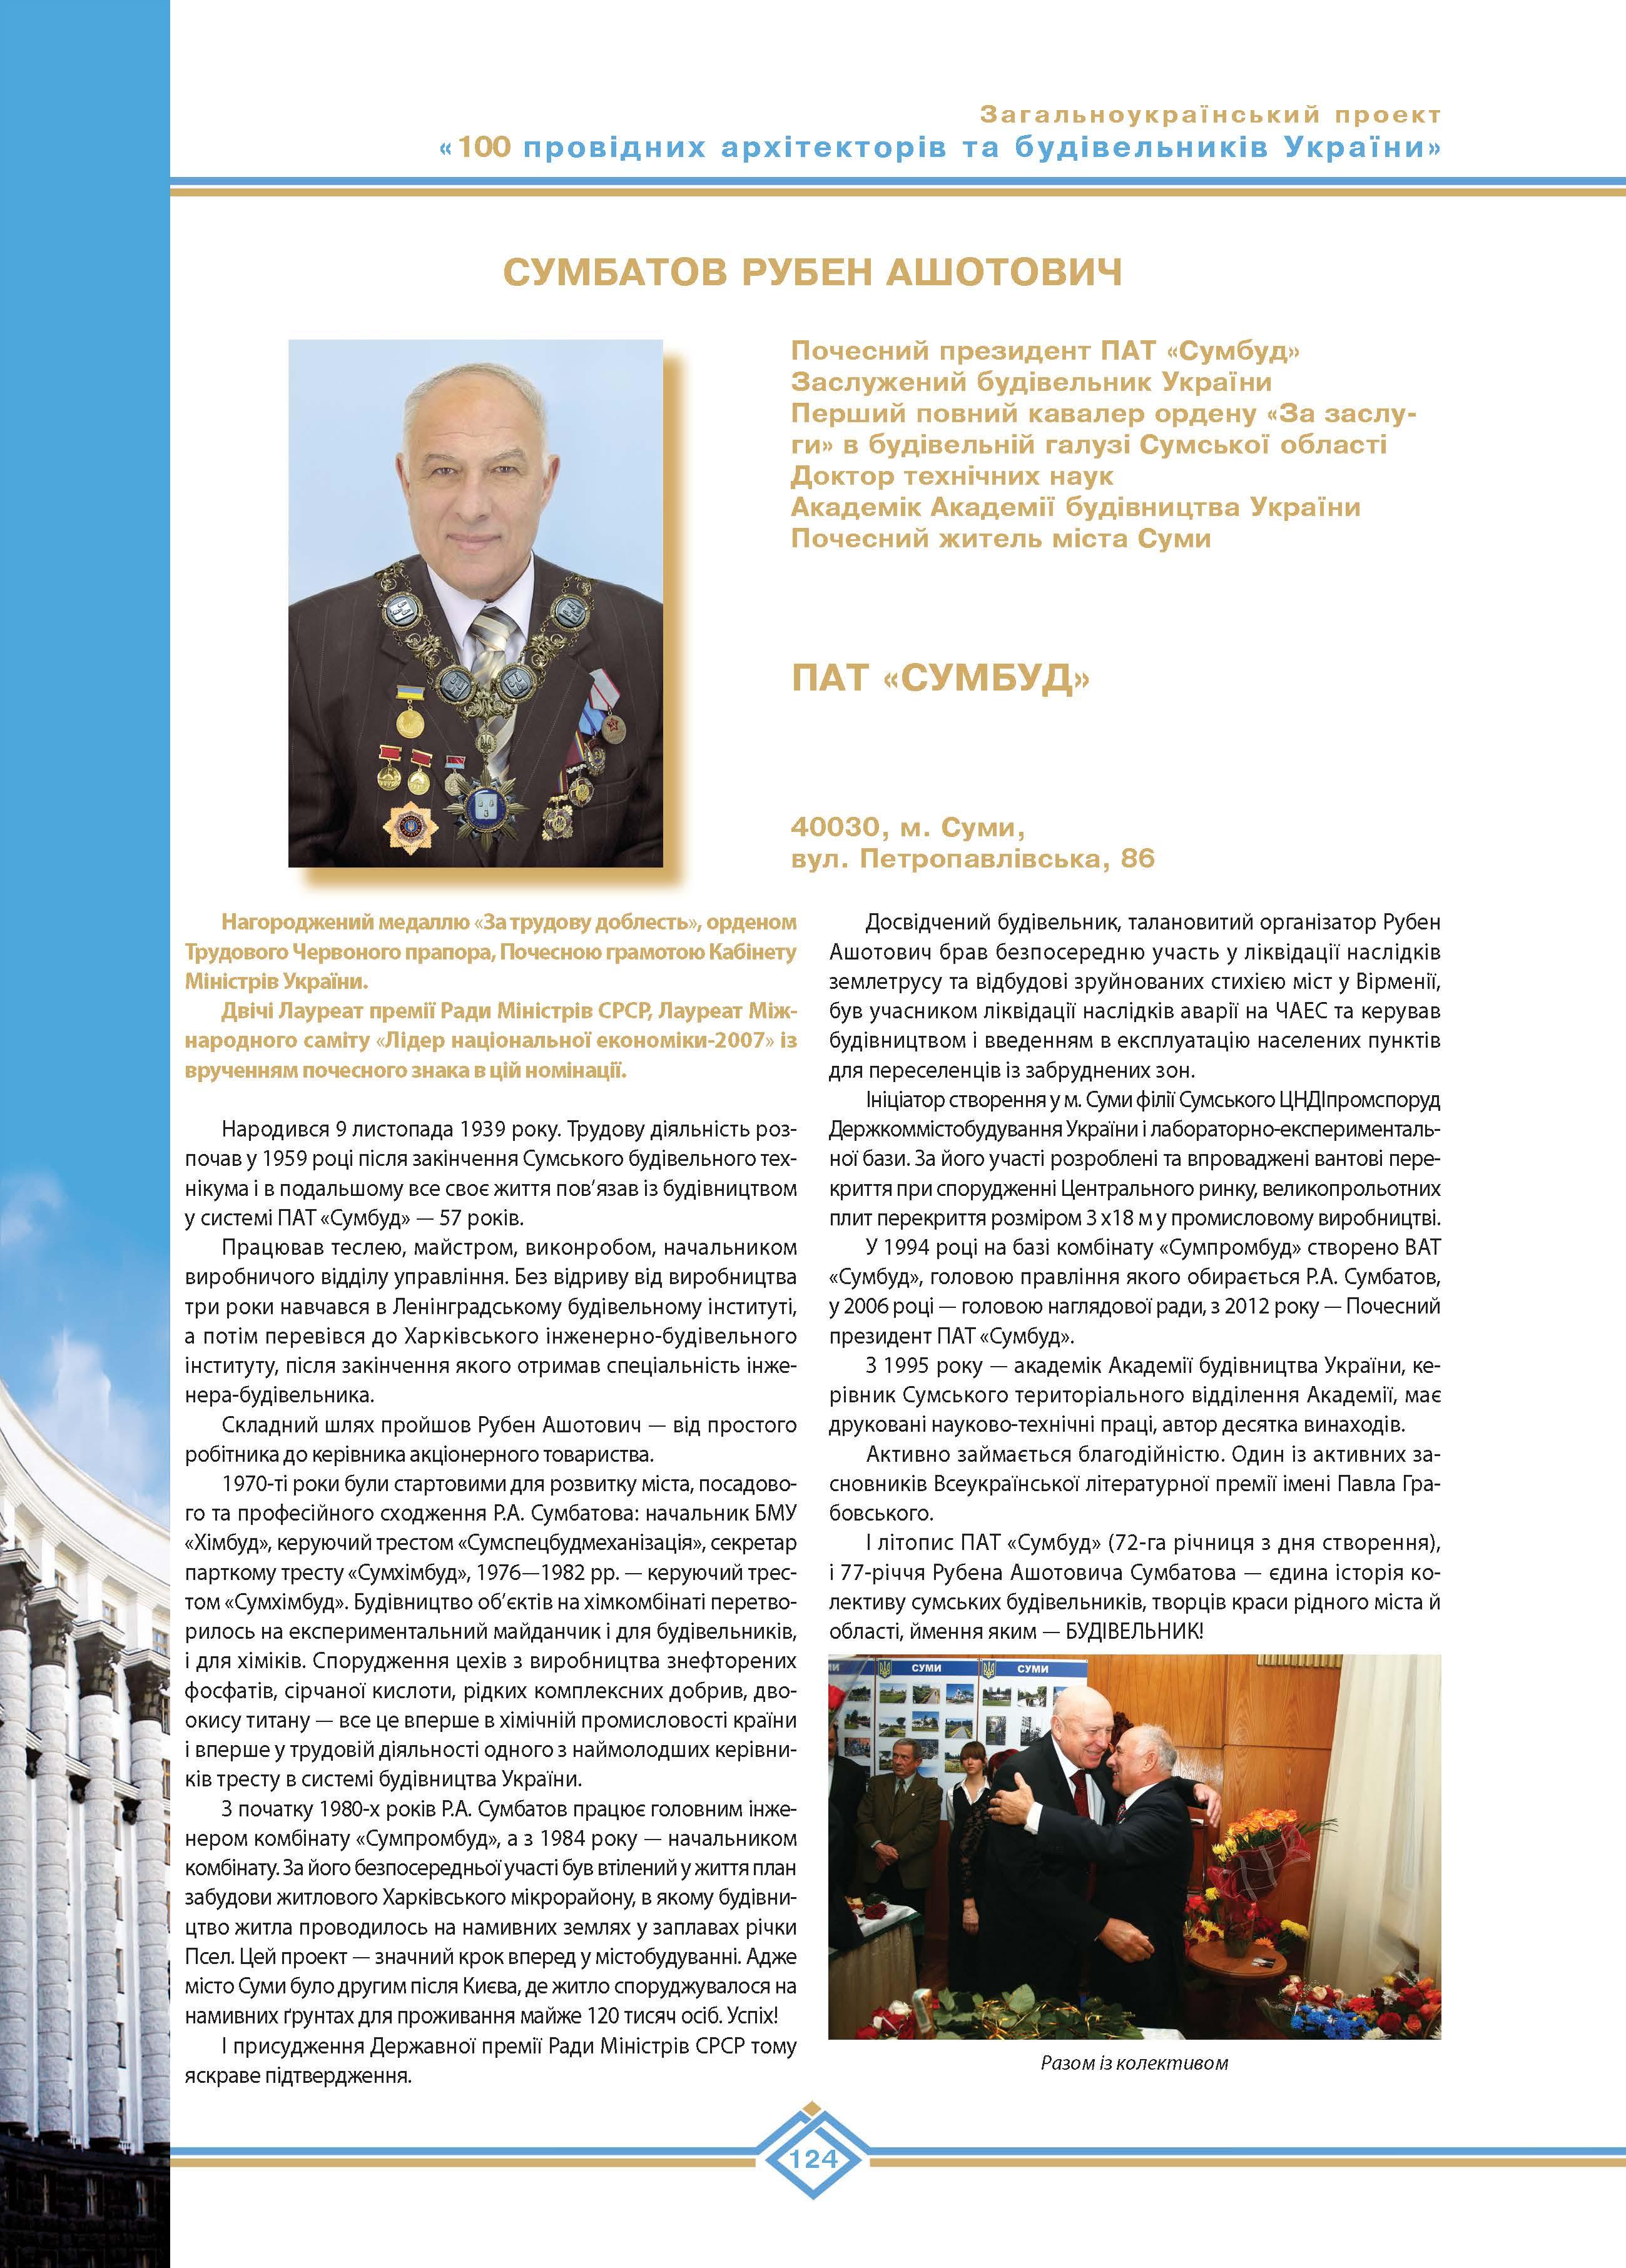 Сумбатов Рубен Ашотович